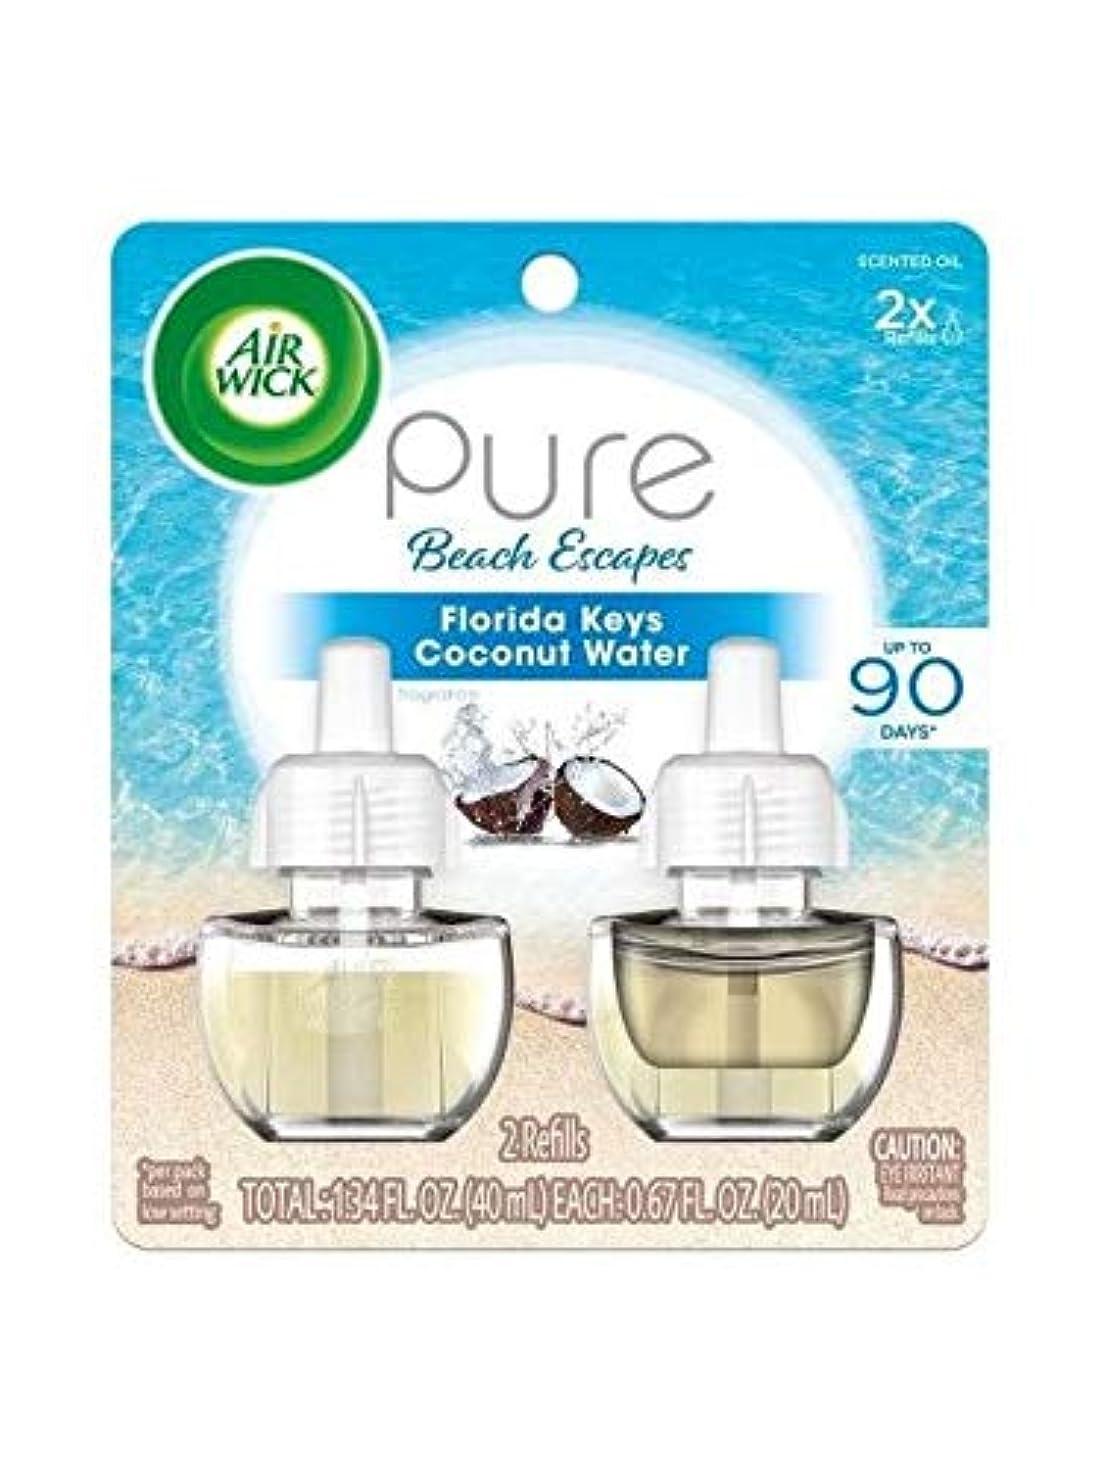 滅びるリブ不誠実【Air Wick/エアーウィック】 プラグインオイル詰替えリフィル(2個入り) フロリダキーズ ココナッツウォーター Air Wick Scented Oil Twin Refill Pure Beach Escapes Florida Keys Coconut Water (2X.67) Oz. [並行輸入品]